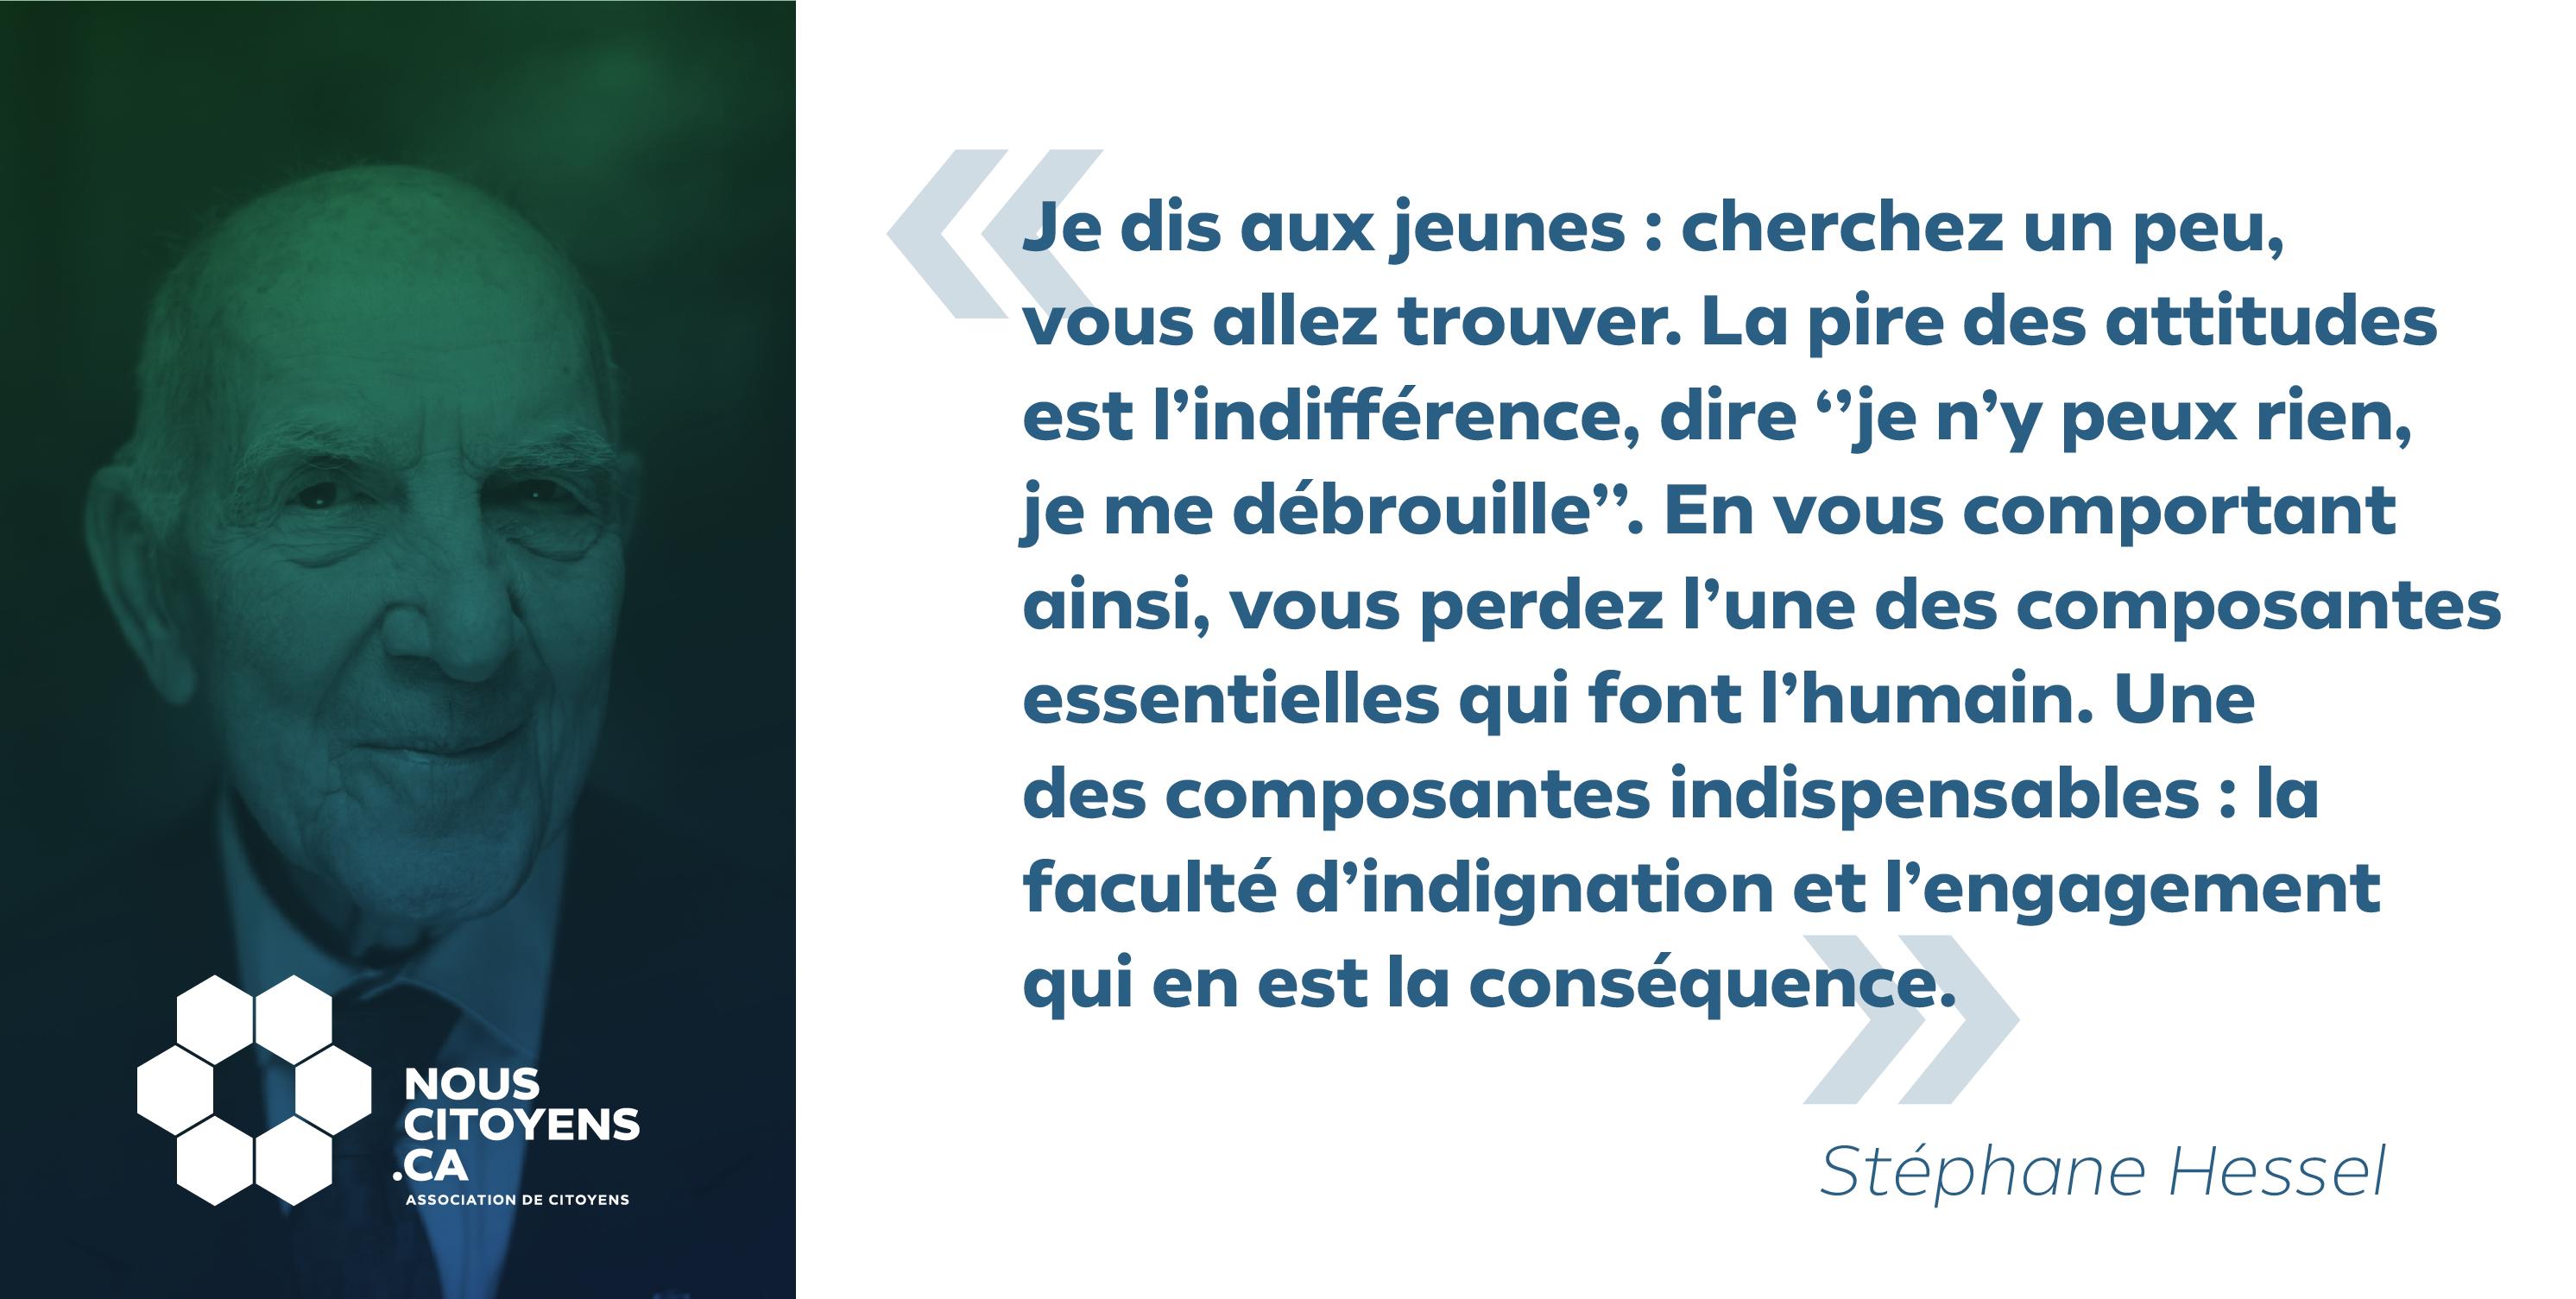 Stéphane Hessel 2